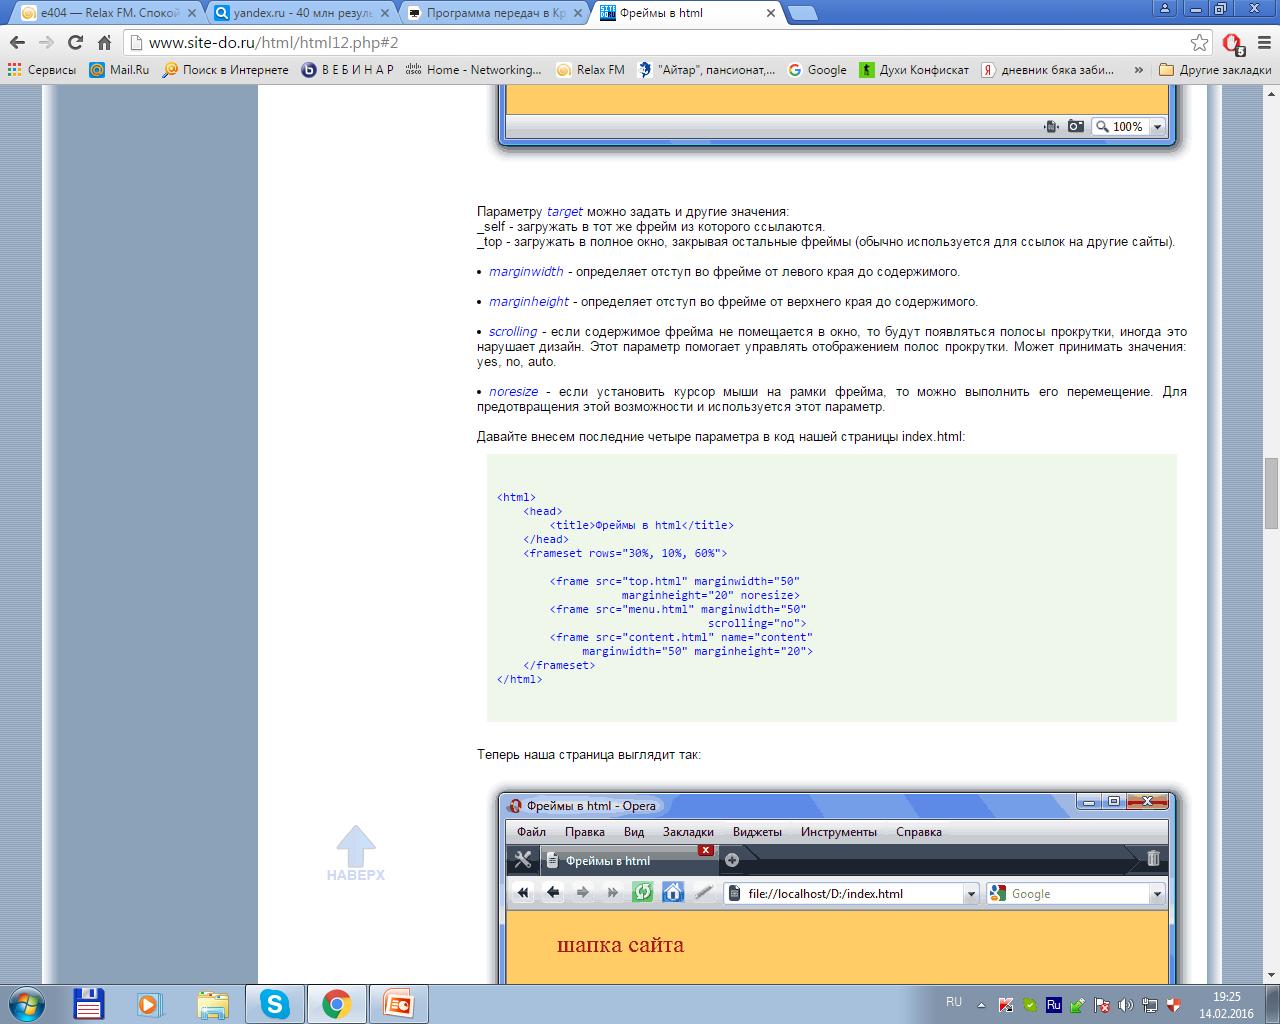 Как сделать ссылку в HTML - виды ссылок - изображение ссылка 52